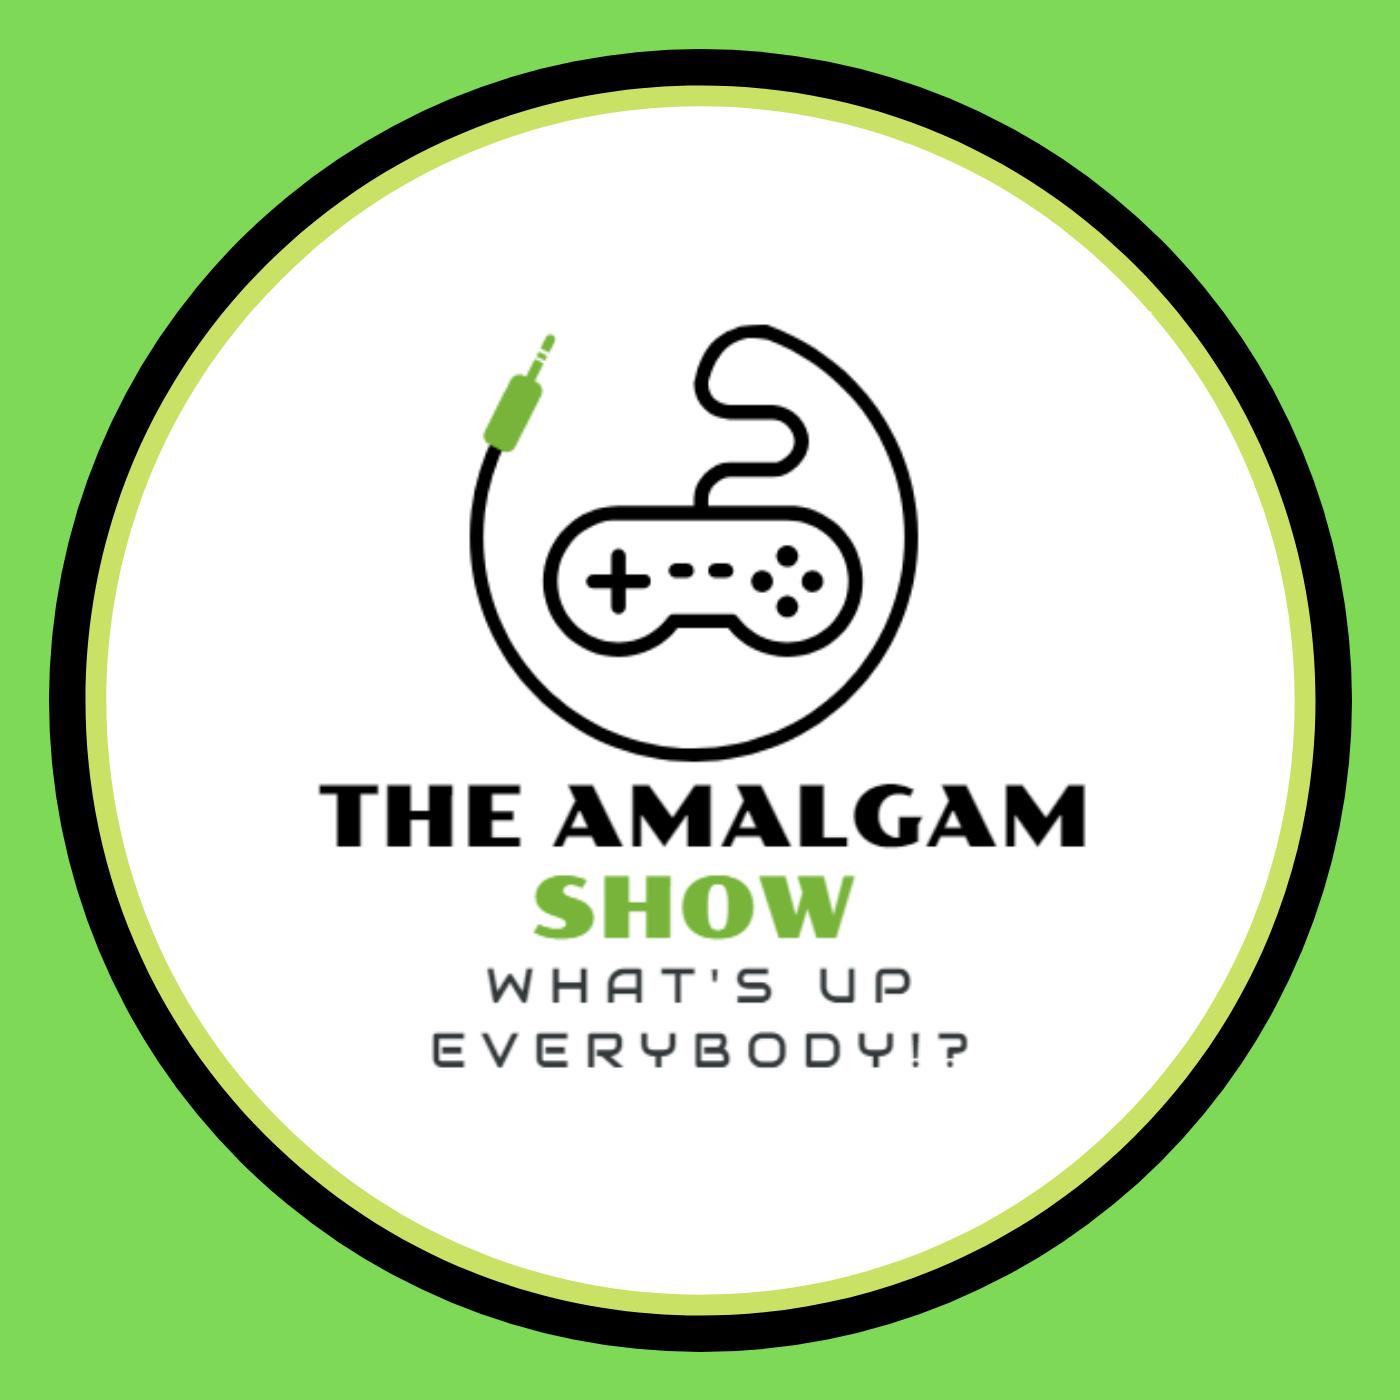 Marvel Cinematic Universe Phase 4 discussion - The Amalgam Show Episode 83 [Full]